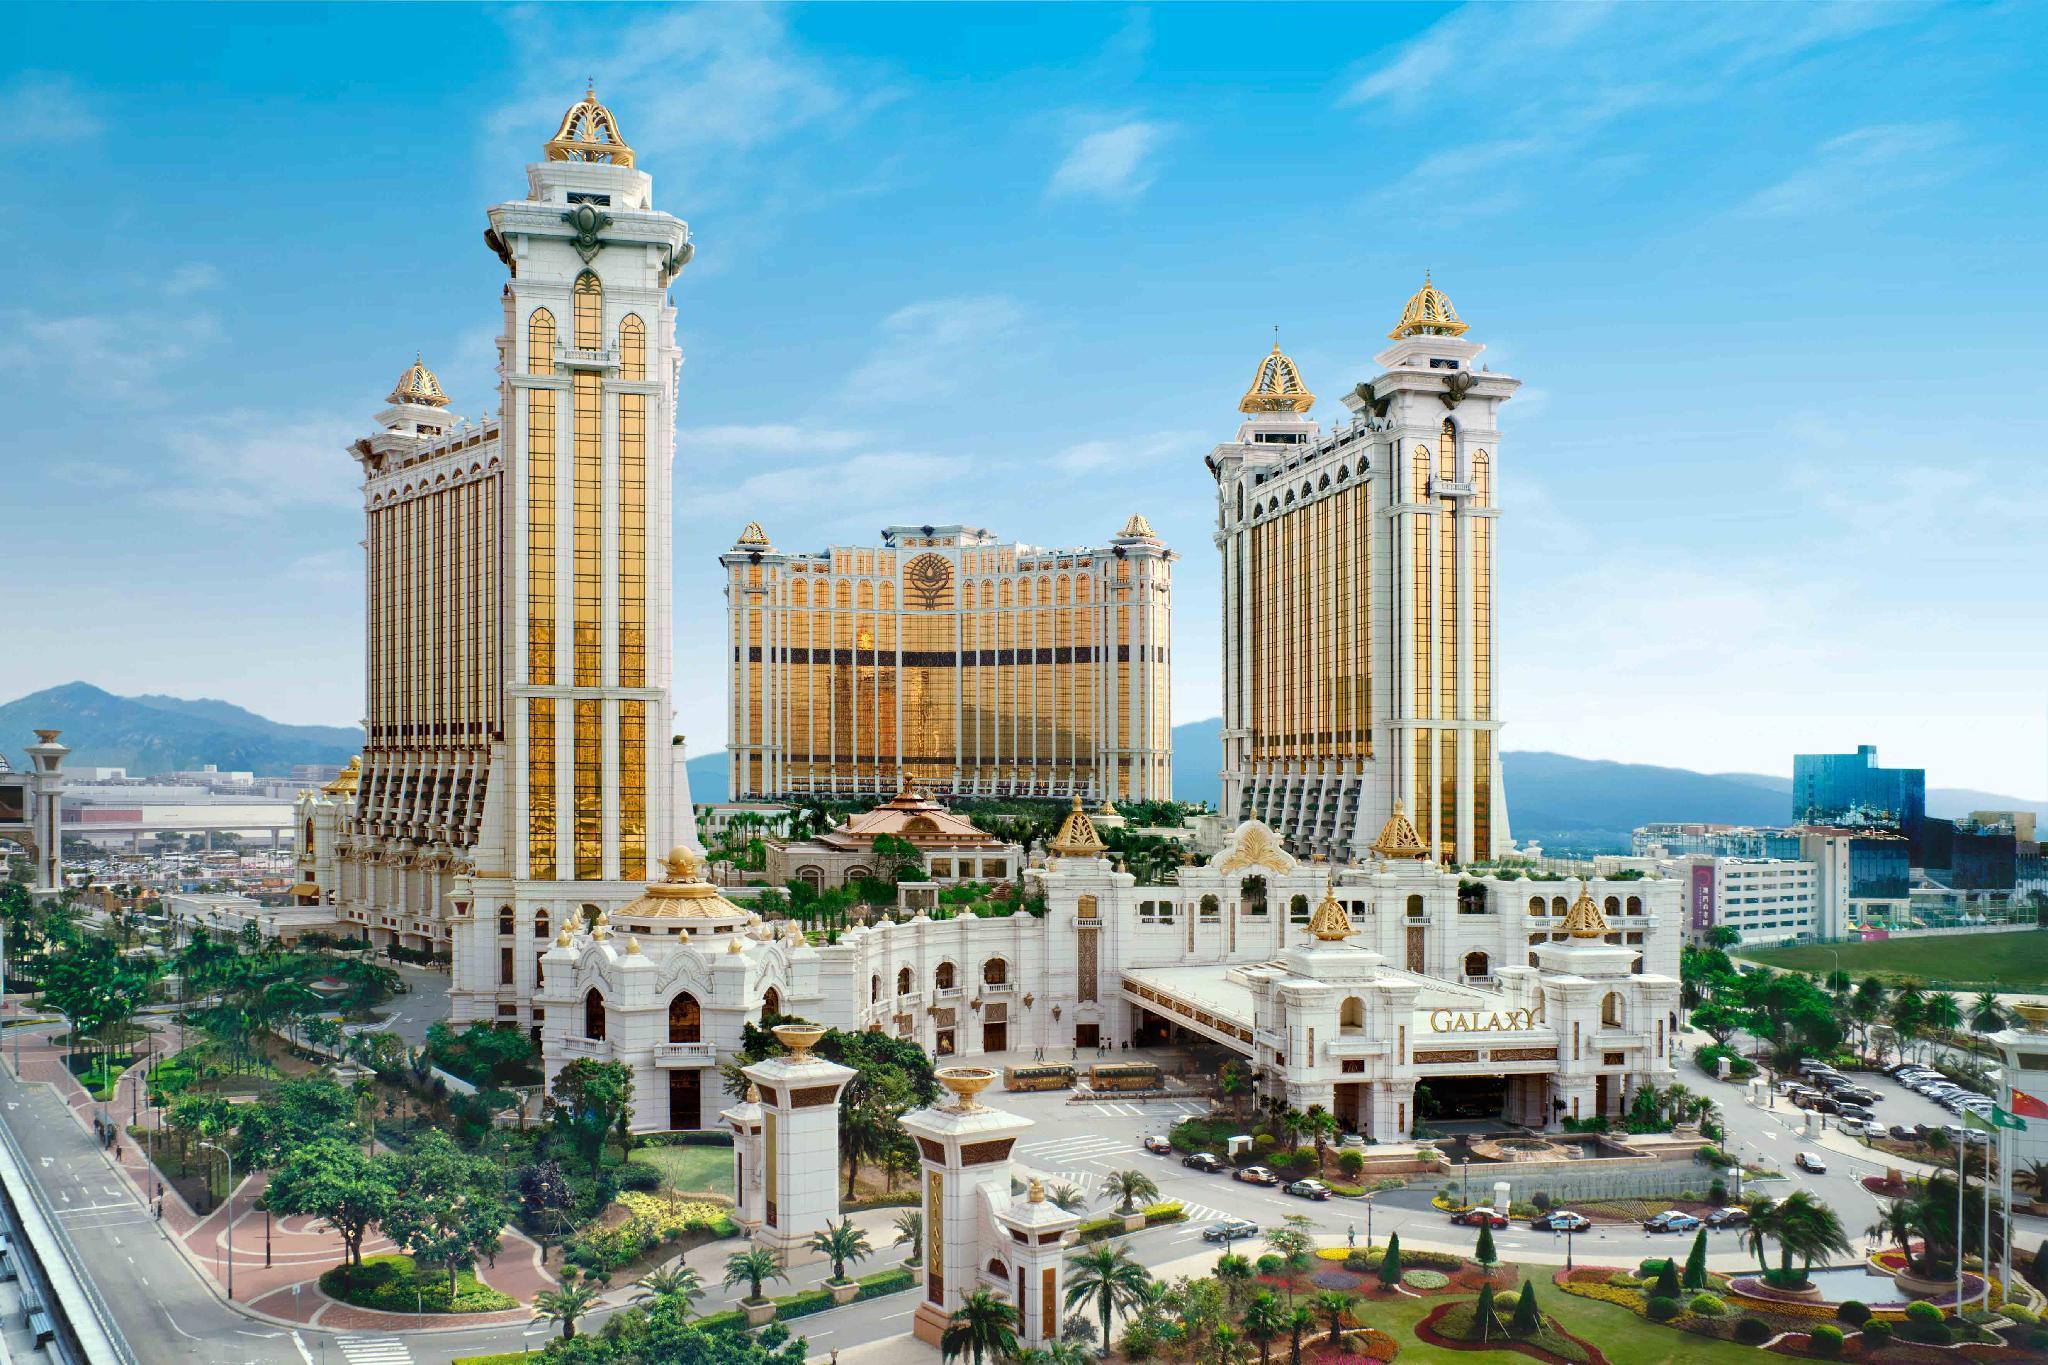 Galaxy Macau,Macau Orient Golf Club